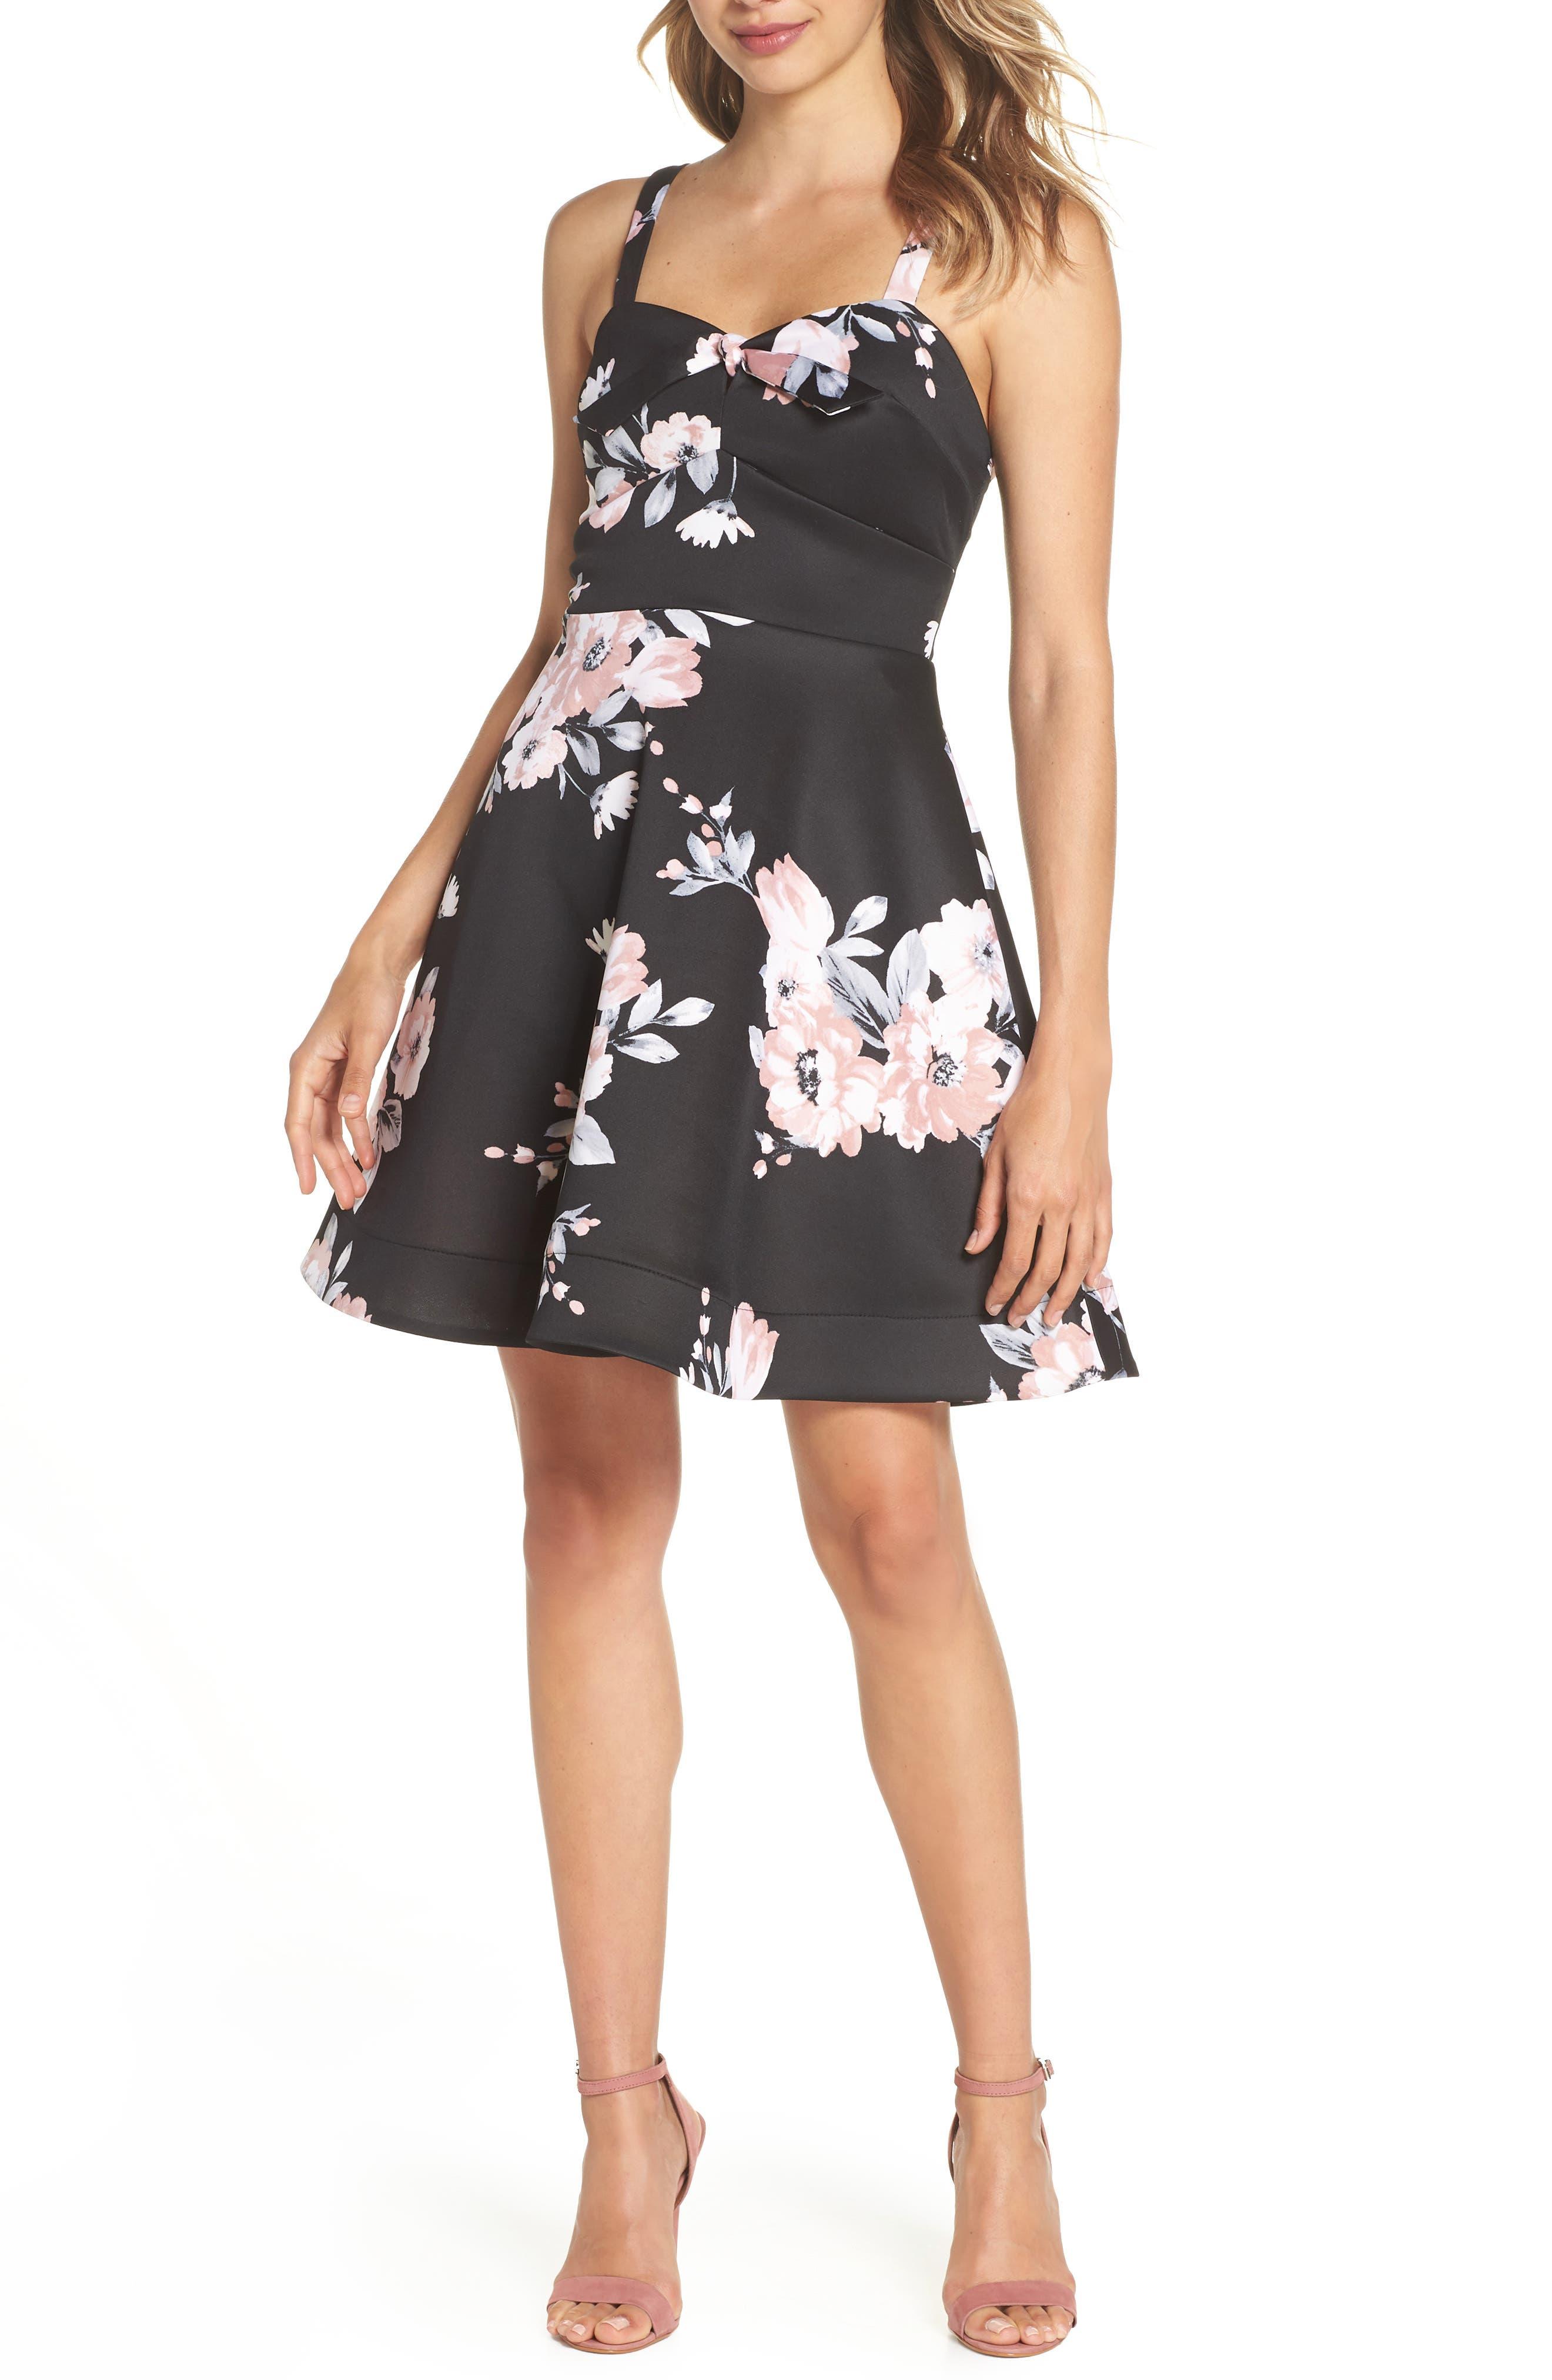 Floral Print Fit & Flare Dress,                             Main thumbnail 1, color,                             BLACK/ MAUVE